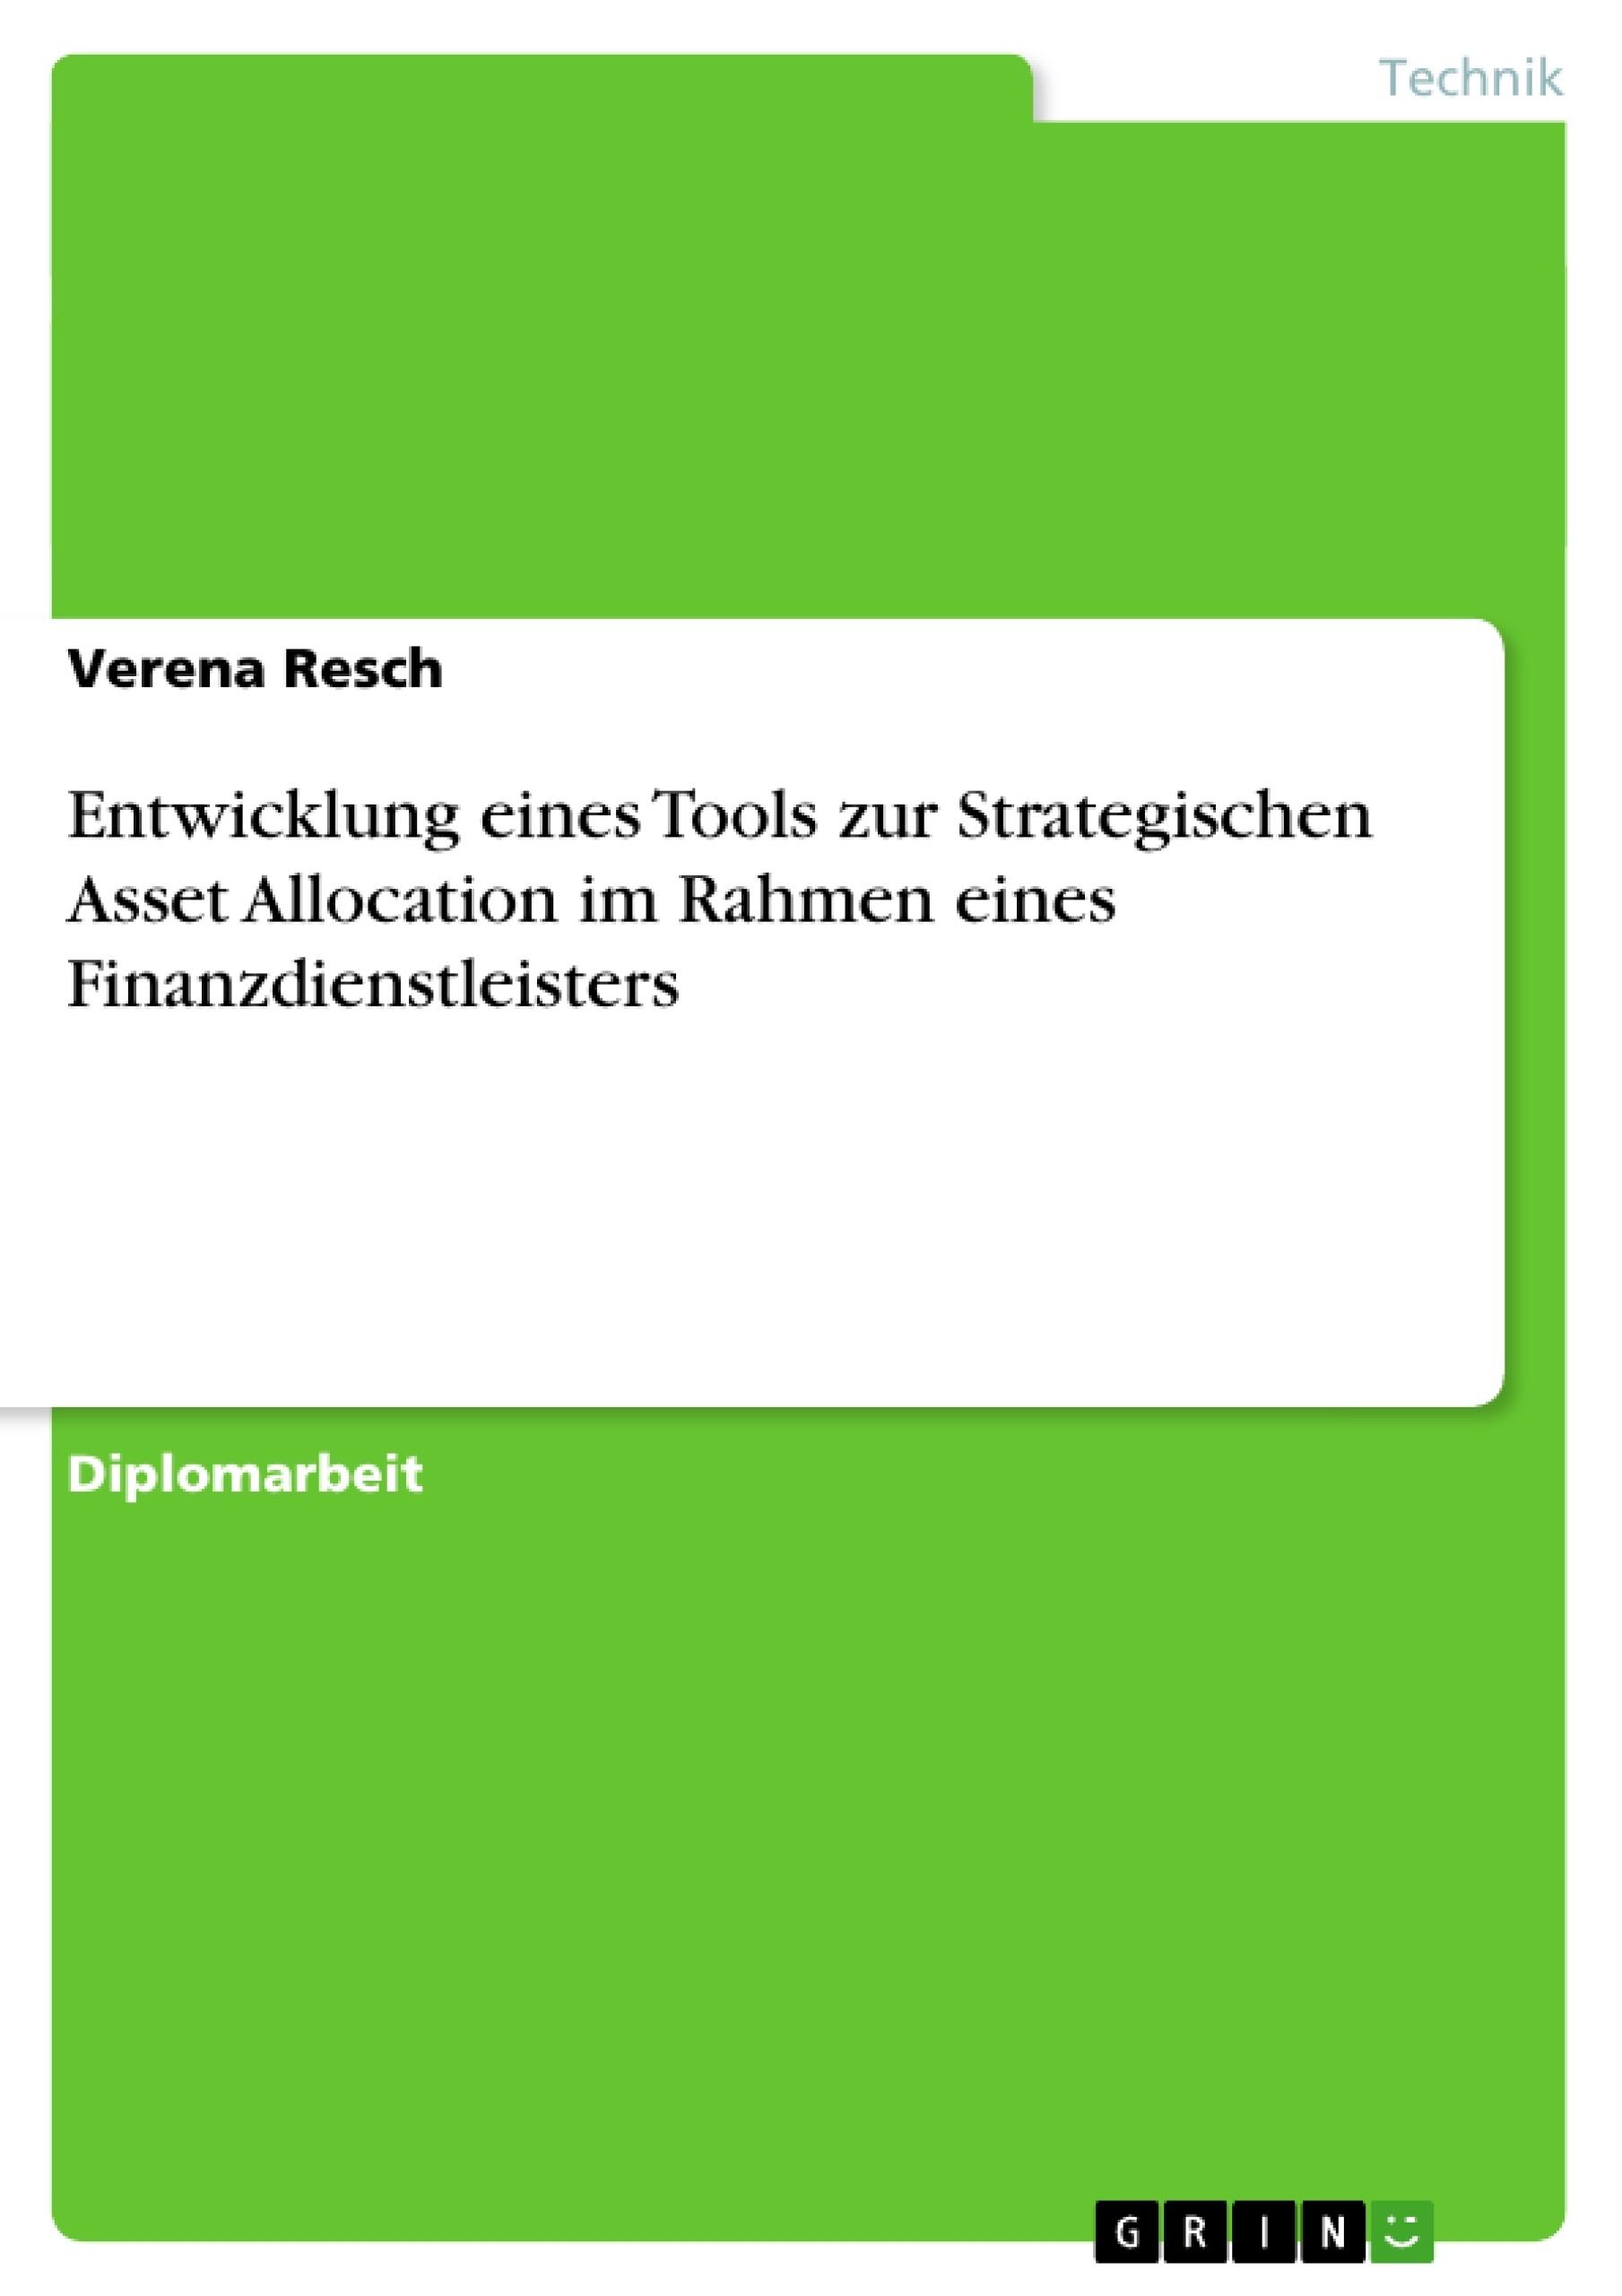 Titel: Entwicklung eines Tools zur Strategischen Asset Allocation im Rahmen eines Finanzdienstleisters